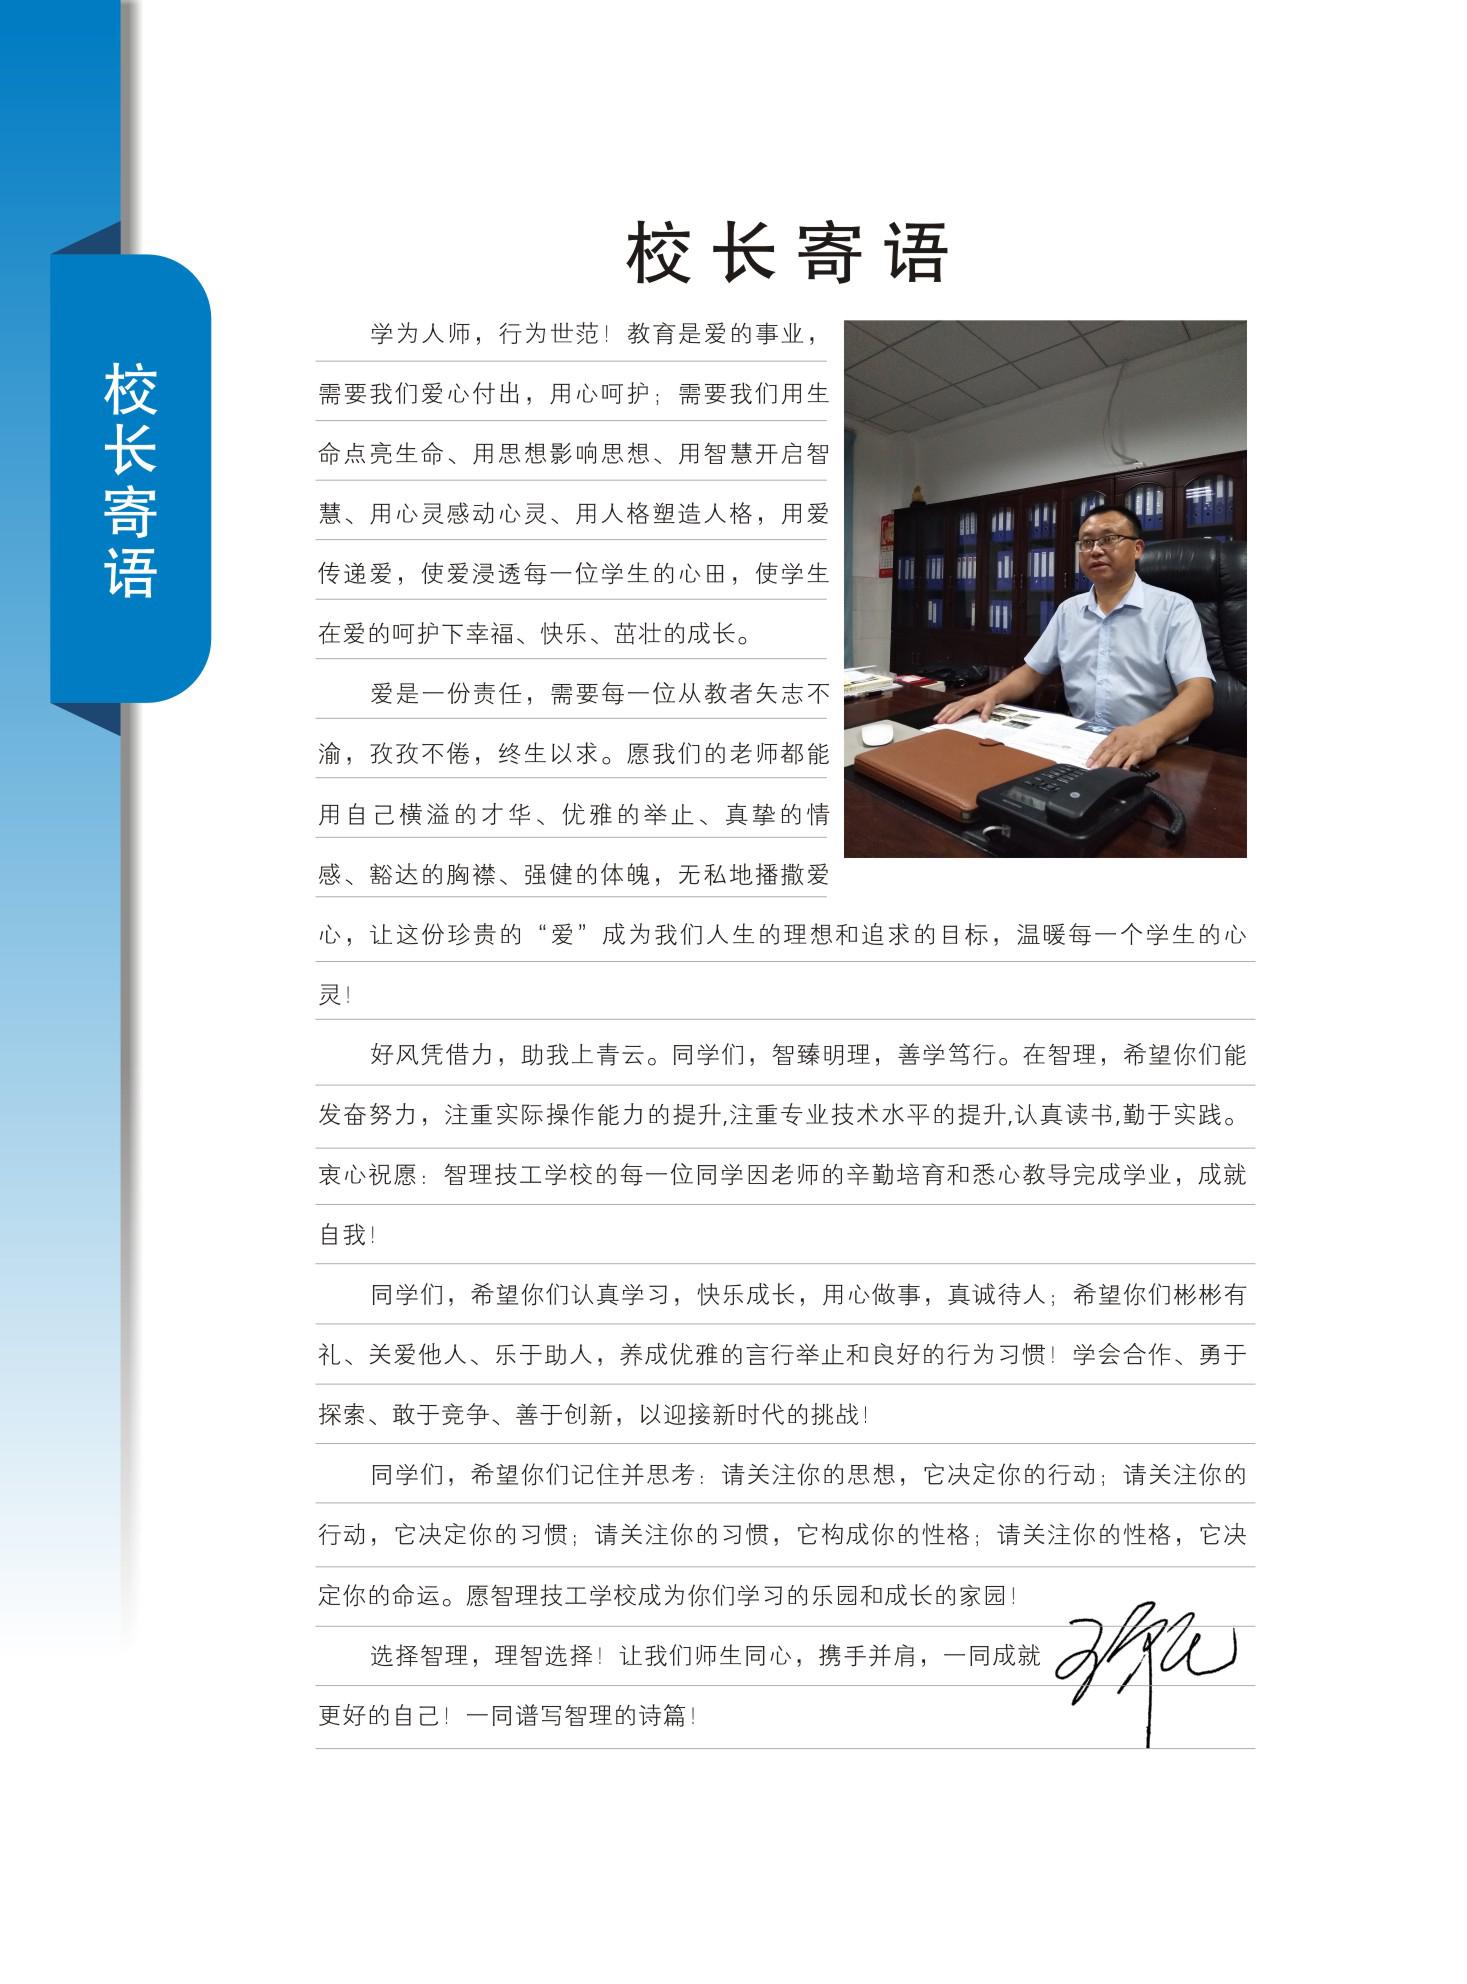 深圳市智理技工学校2019年招生简章校长寄语